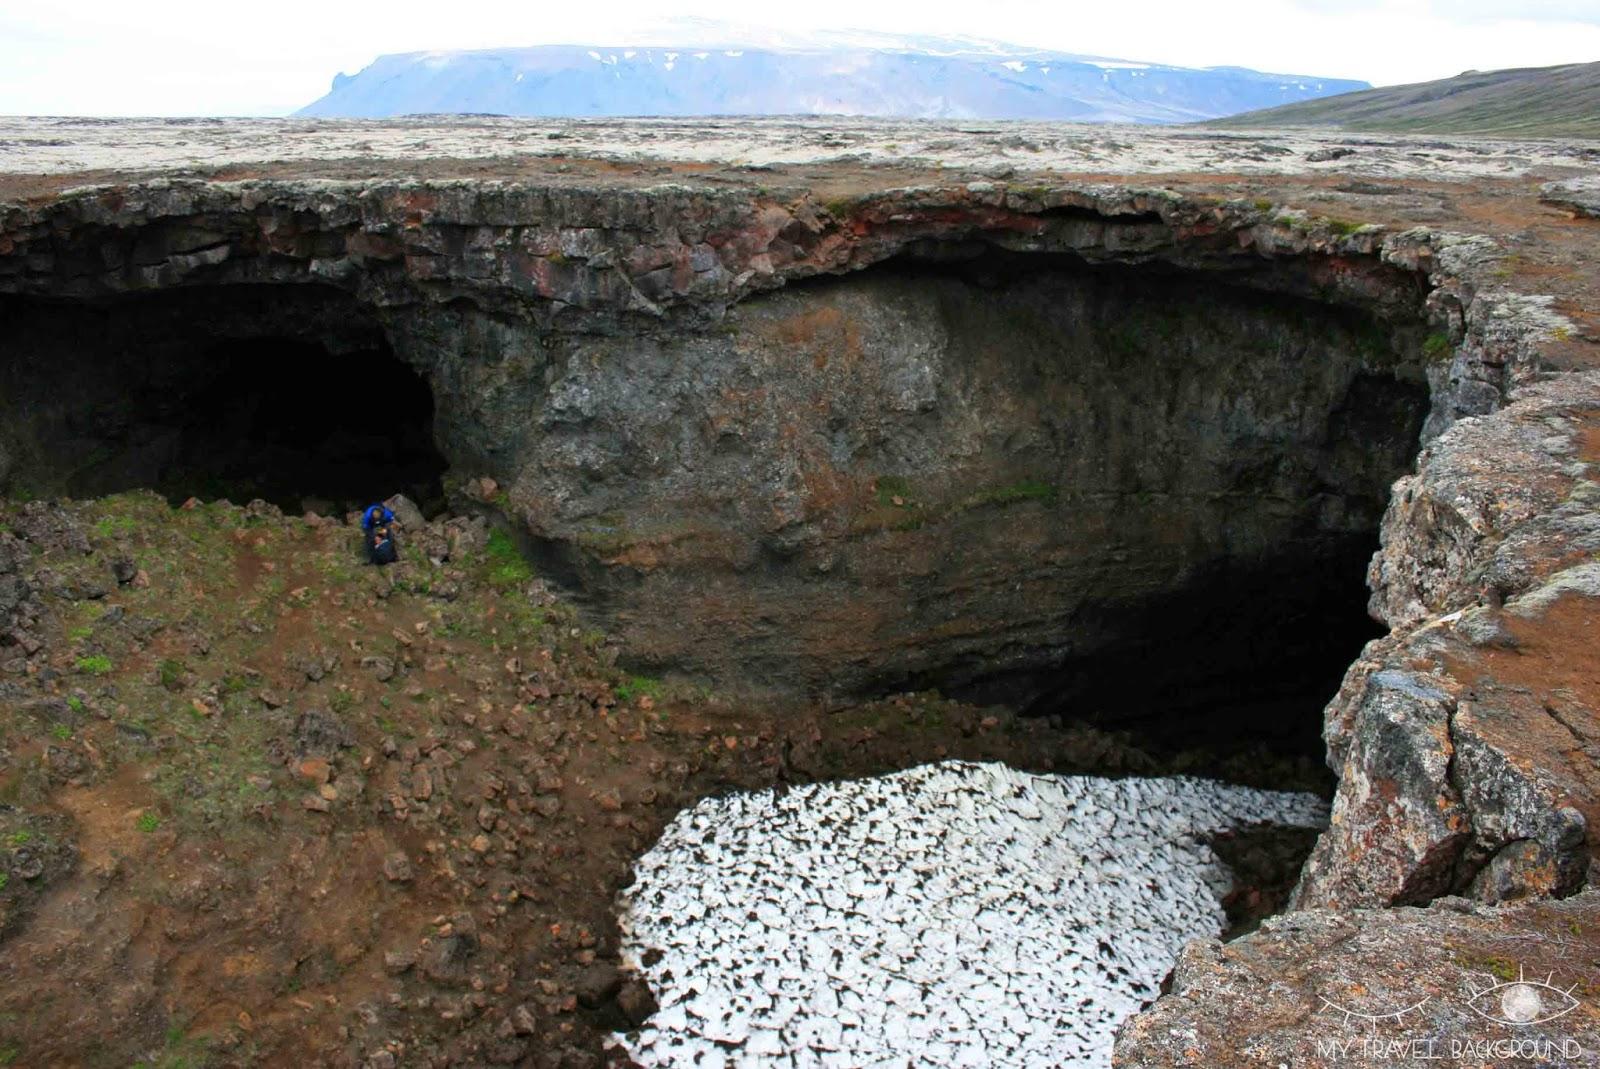 My Travel Background : 18 lieux à découvrir absolument en Islande, marcher dans un tunnel de lave